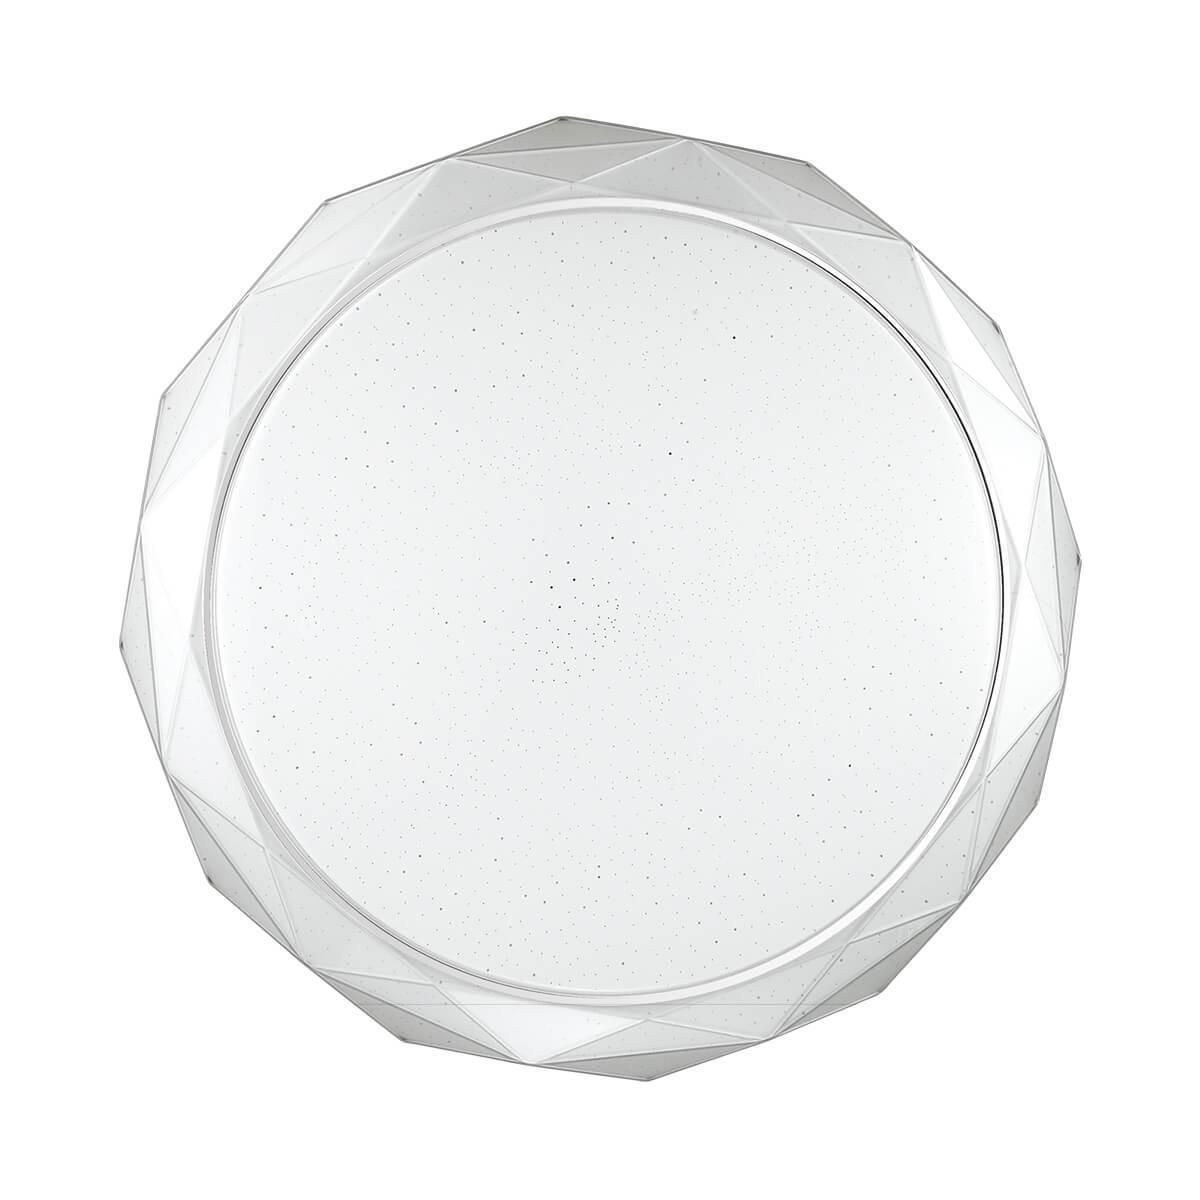 Настенно-потолочный светильник Sonex 2056/EL, белый потолочный светодиодный светильник sonex 1233 al